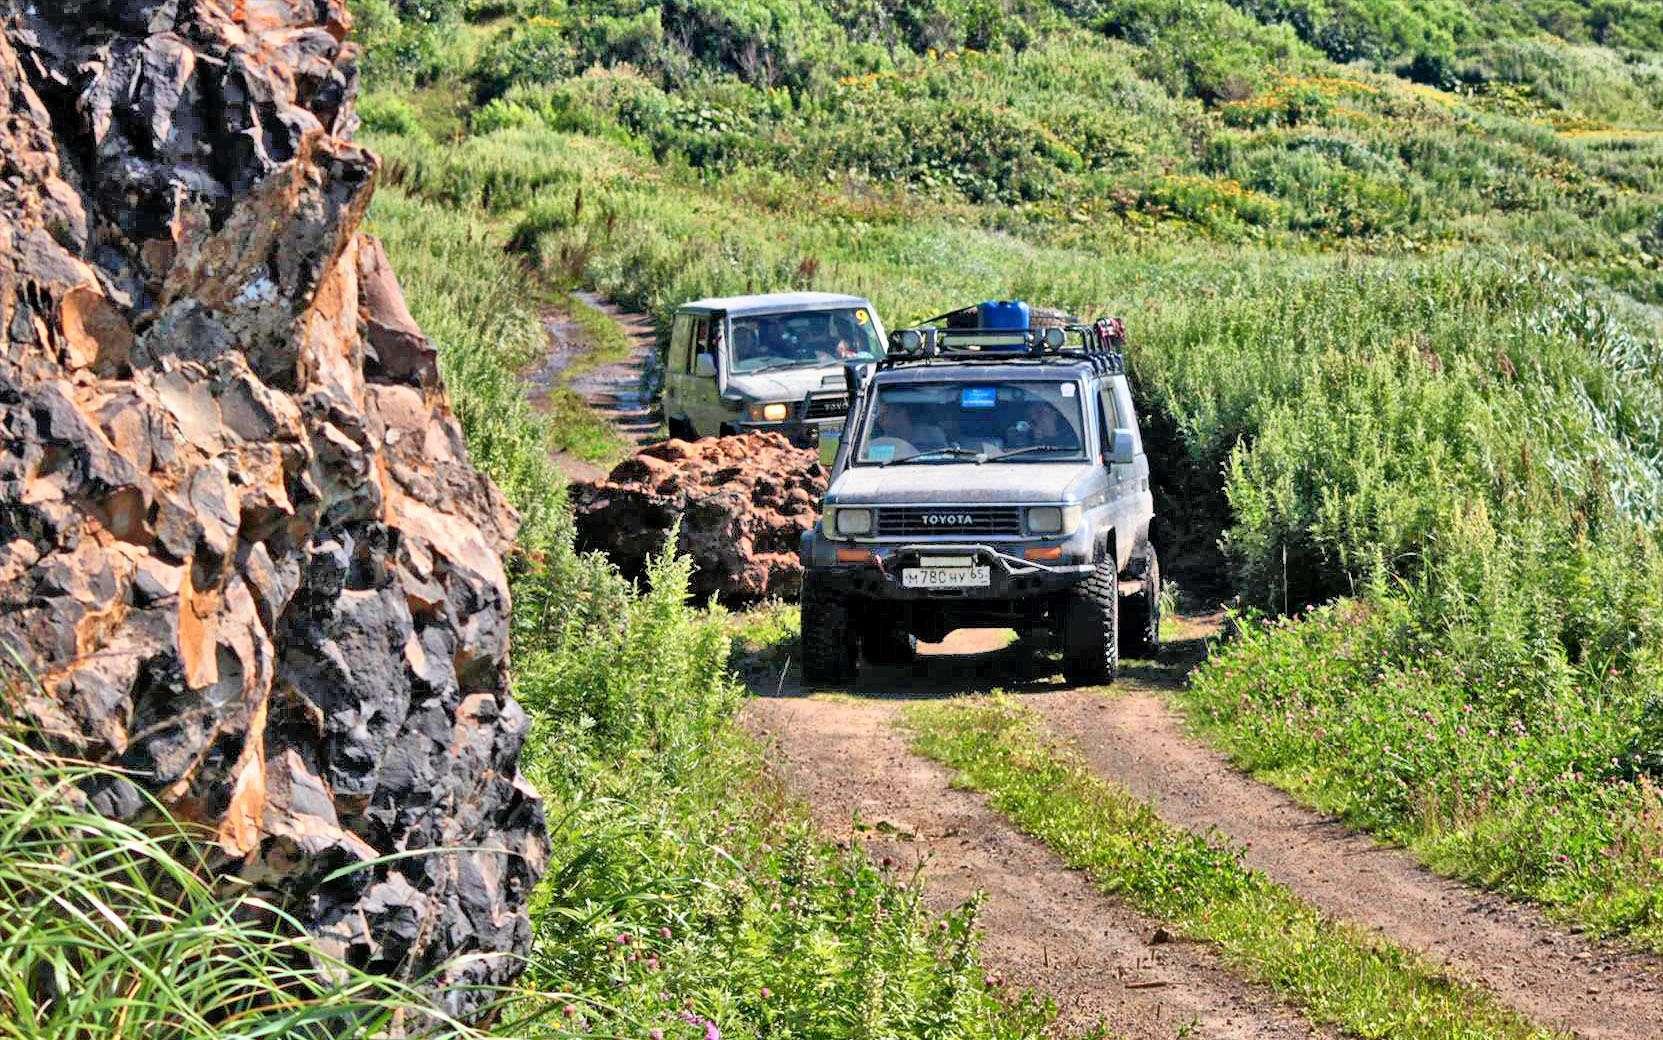 Нелегальный тюнинг автомобилей: снимите это немедленно!— фото 597086